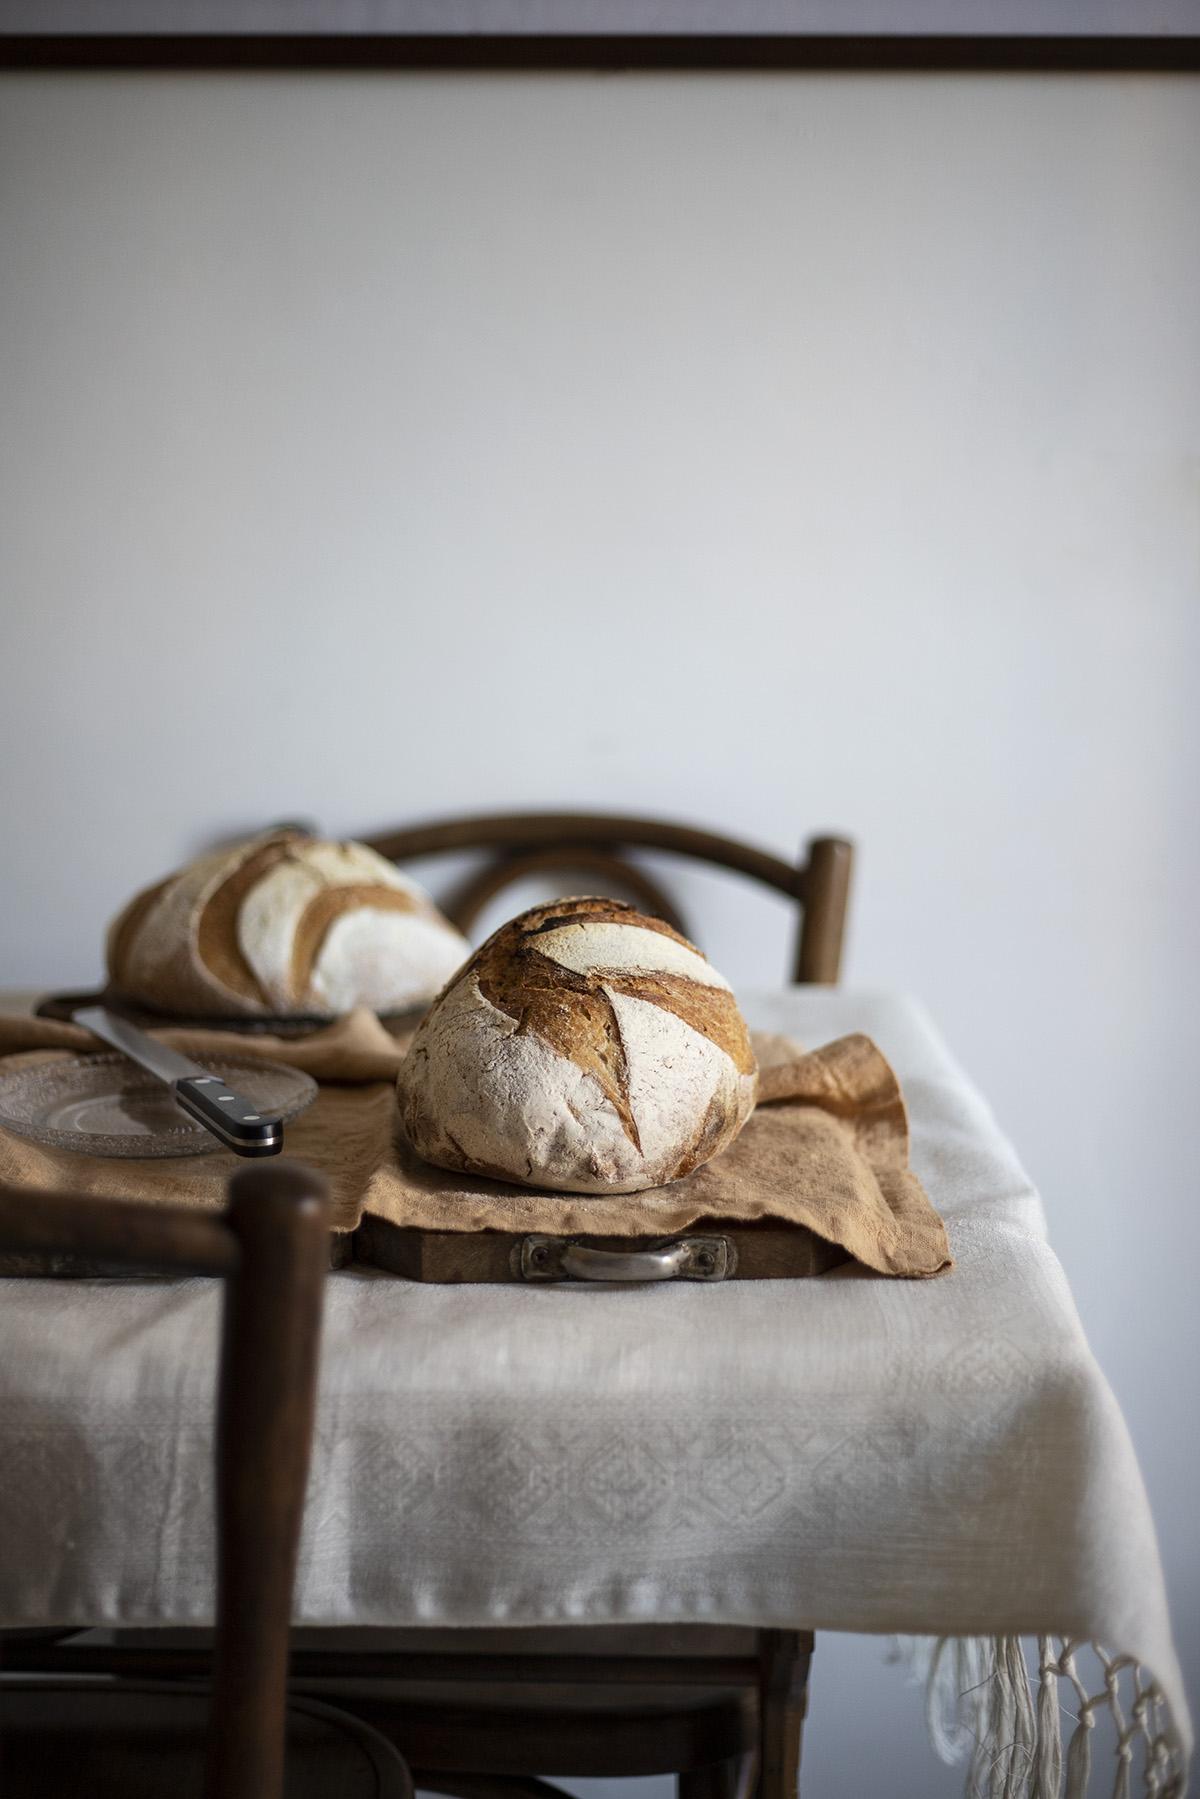 pane mais e tartufo nero